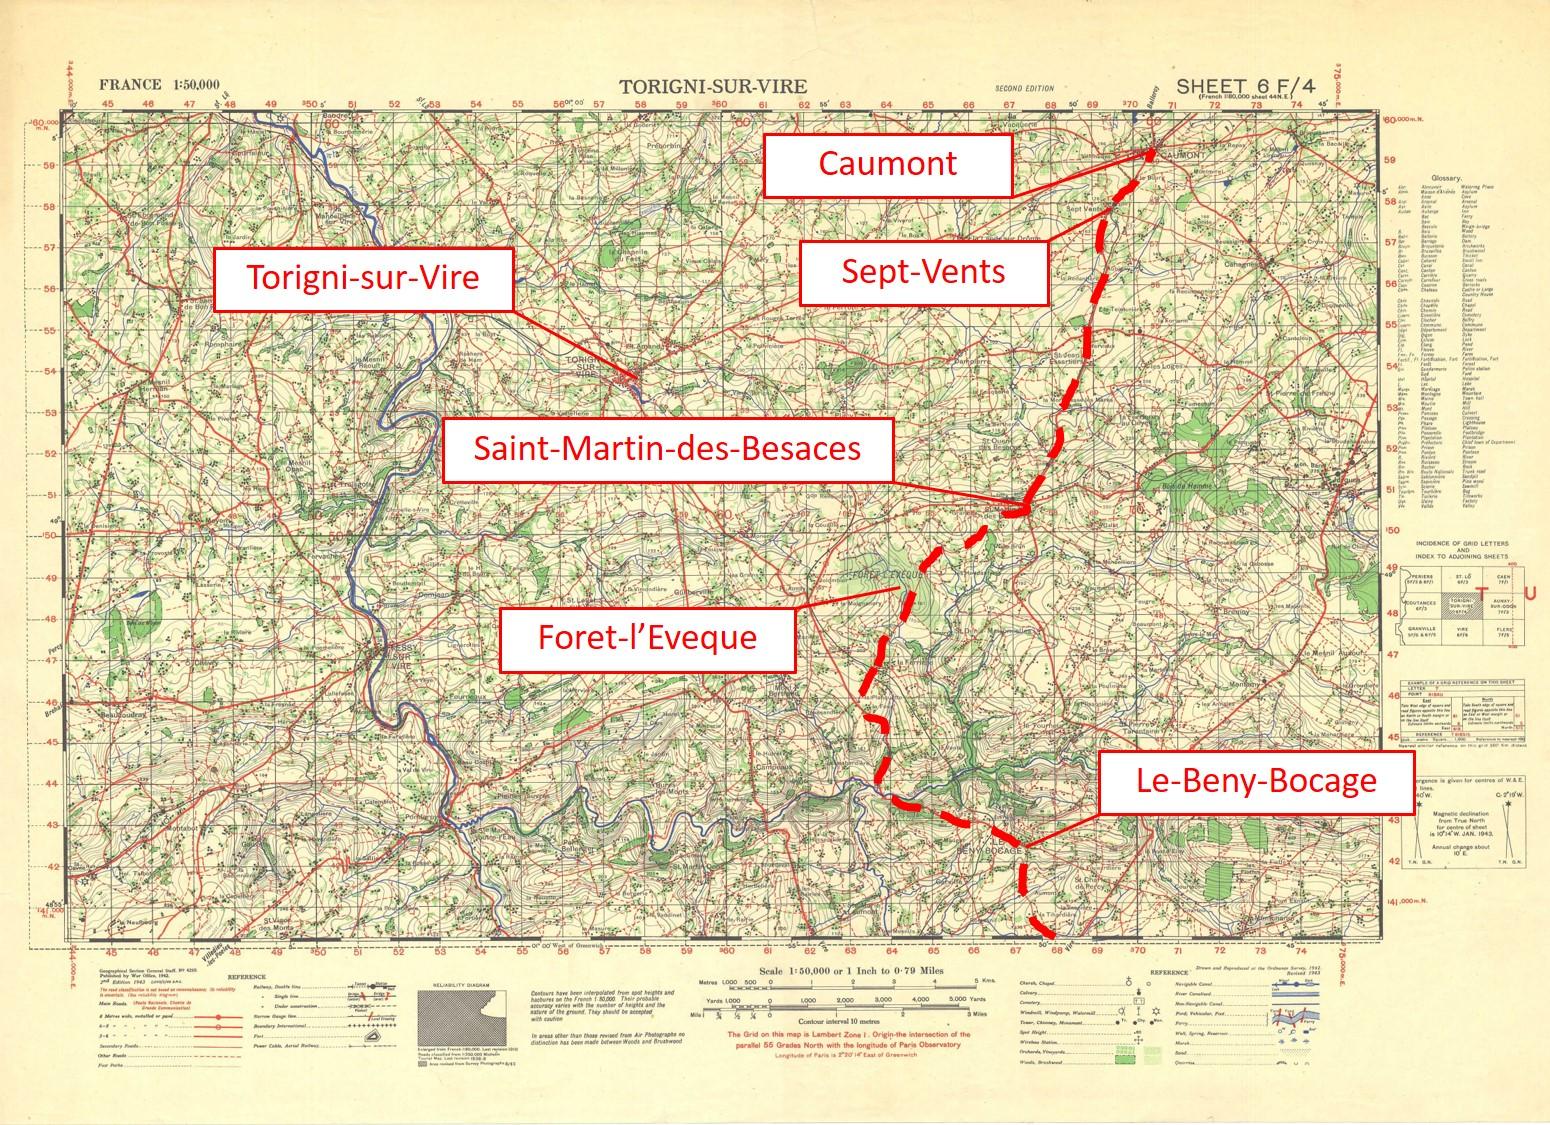 009B - GSGS-4250-6F-4-Torigni-Sur-Vire-route